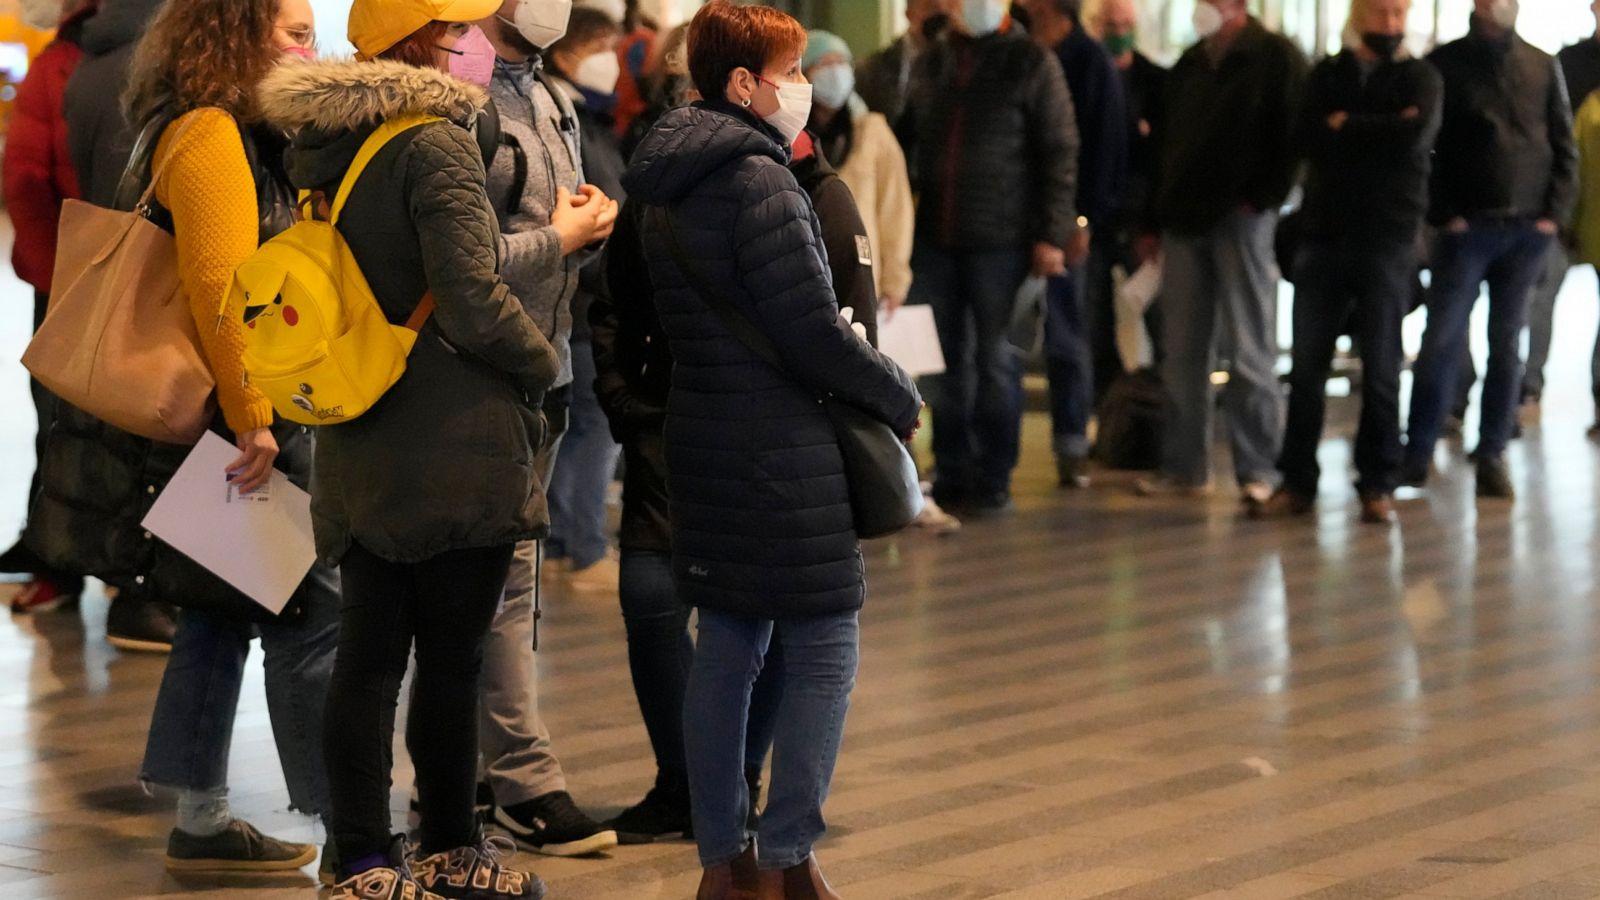 abcnews.go.com -  KAREL JANICEK Associated Press - Infections soar as Czech authorities urge vaccination